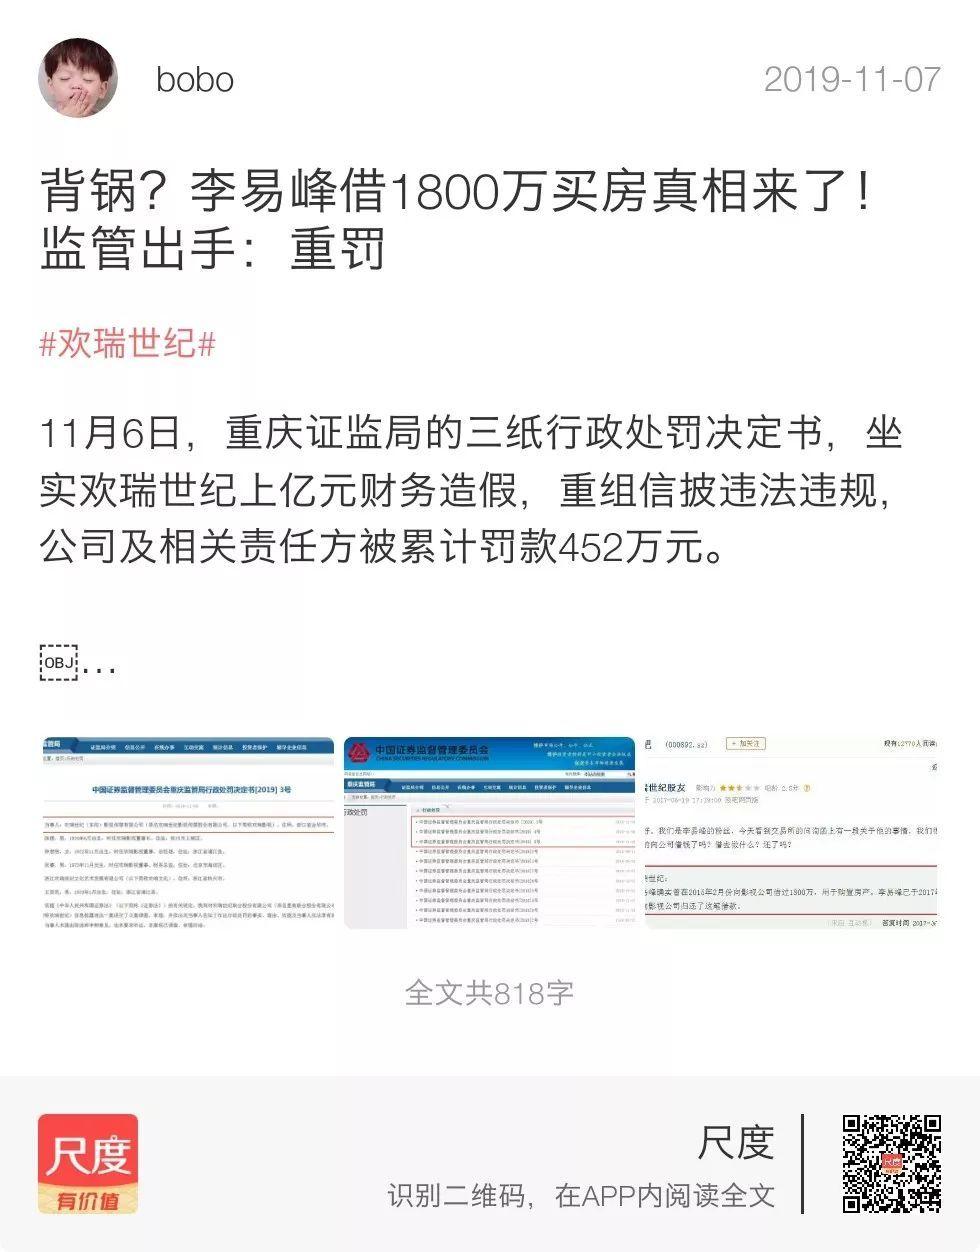 /shenghuojia/1042678.html